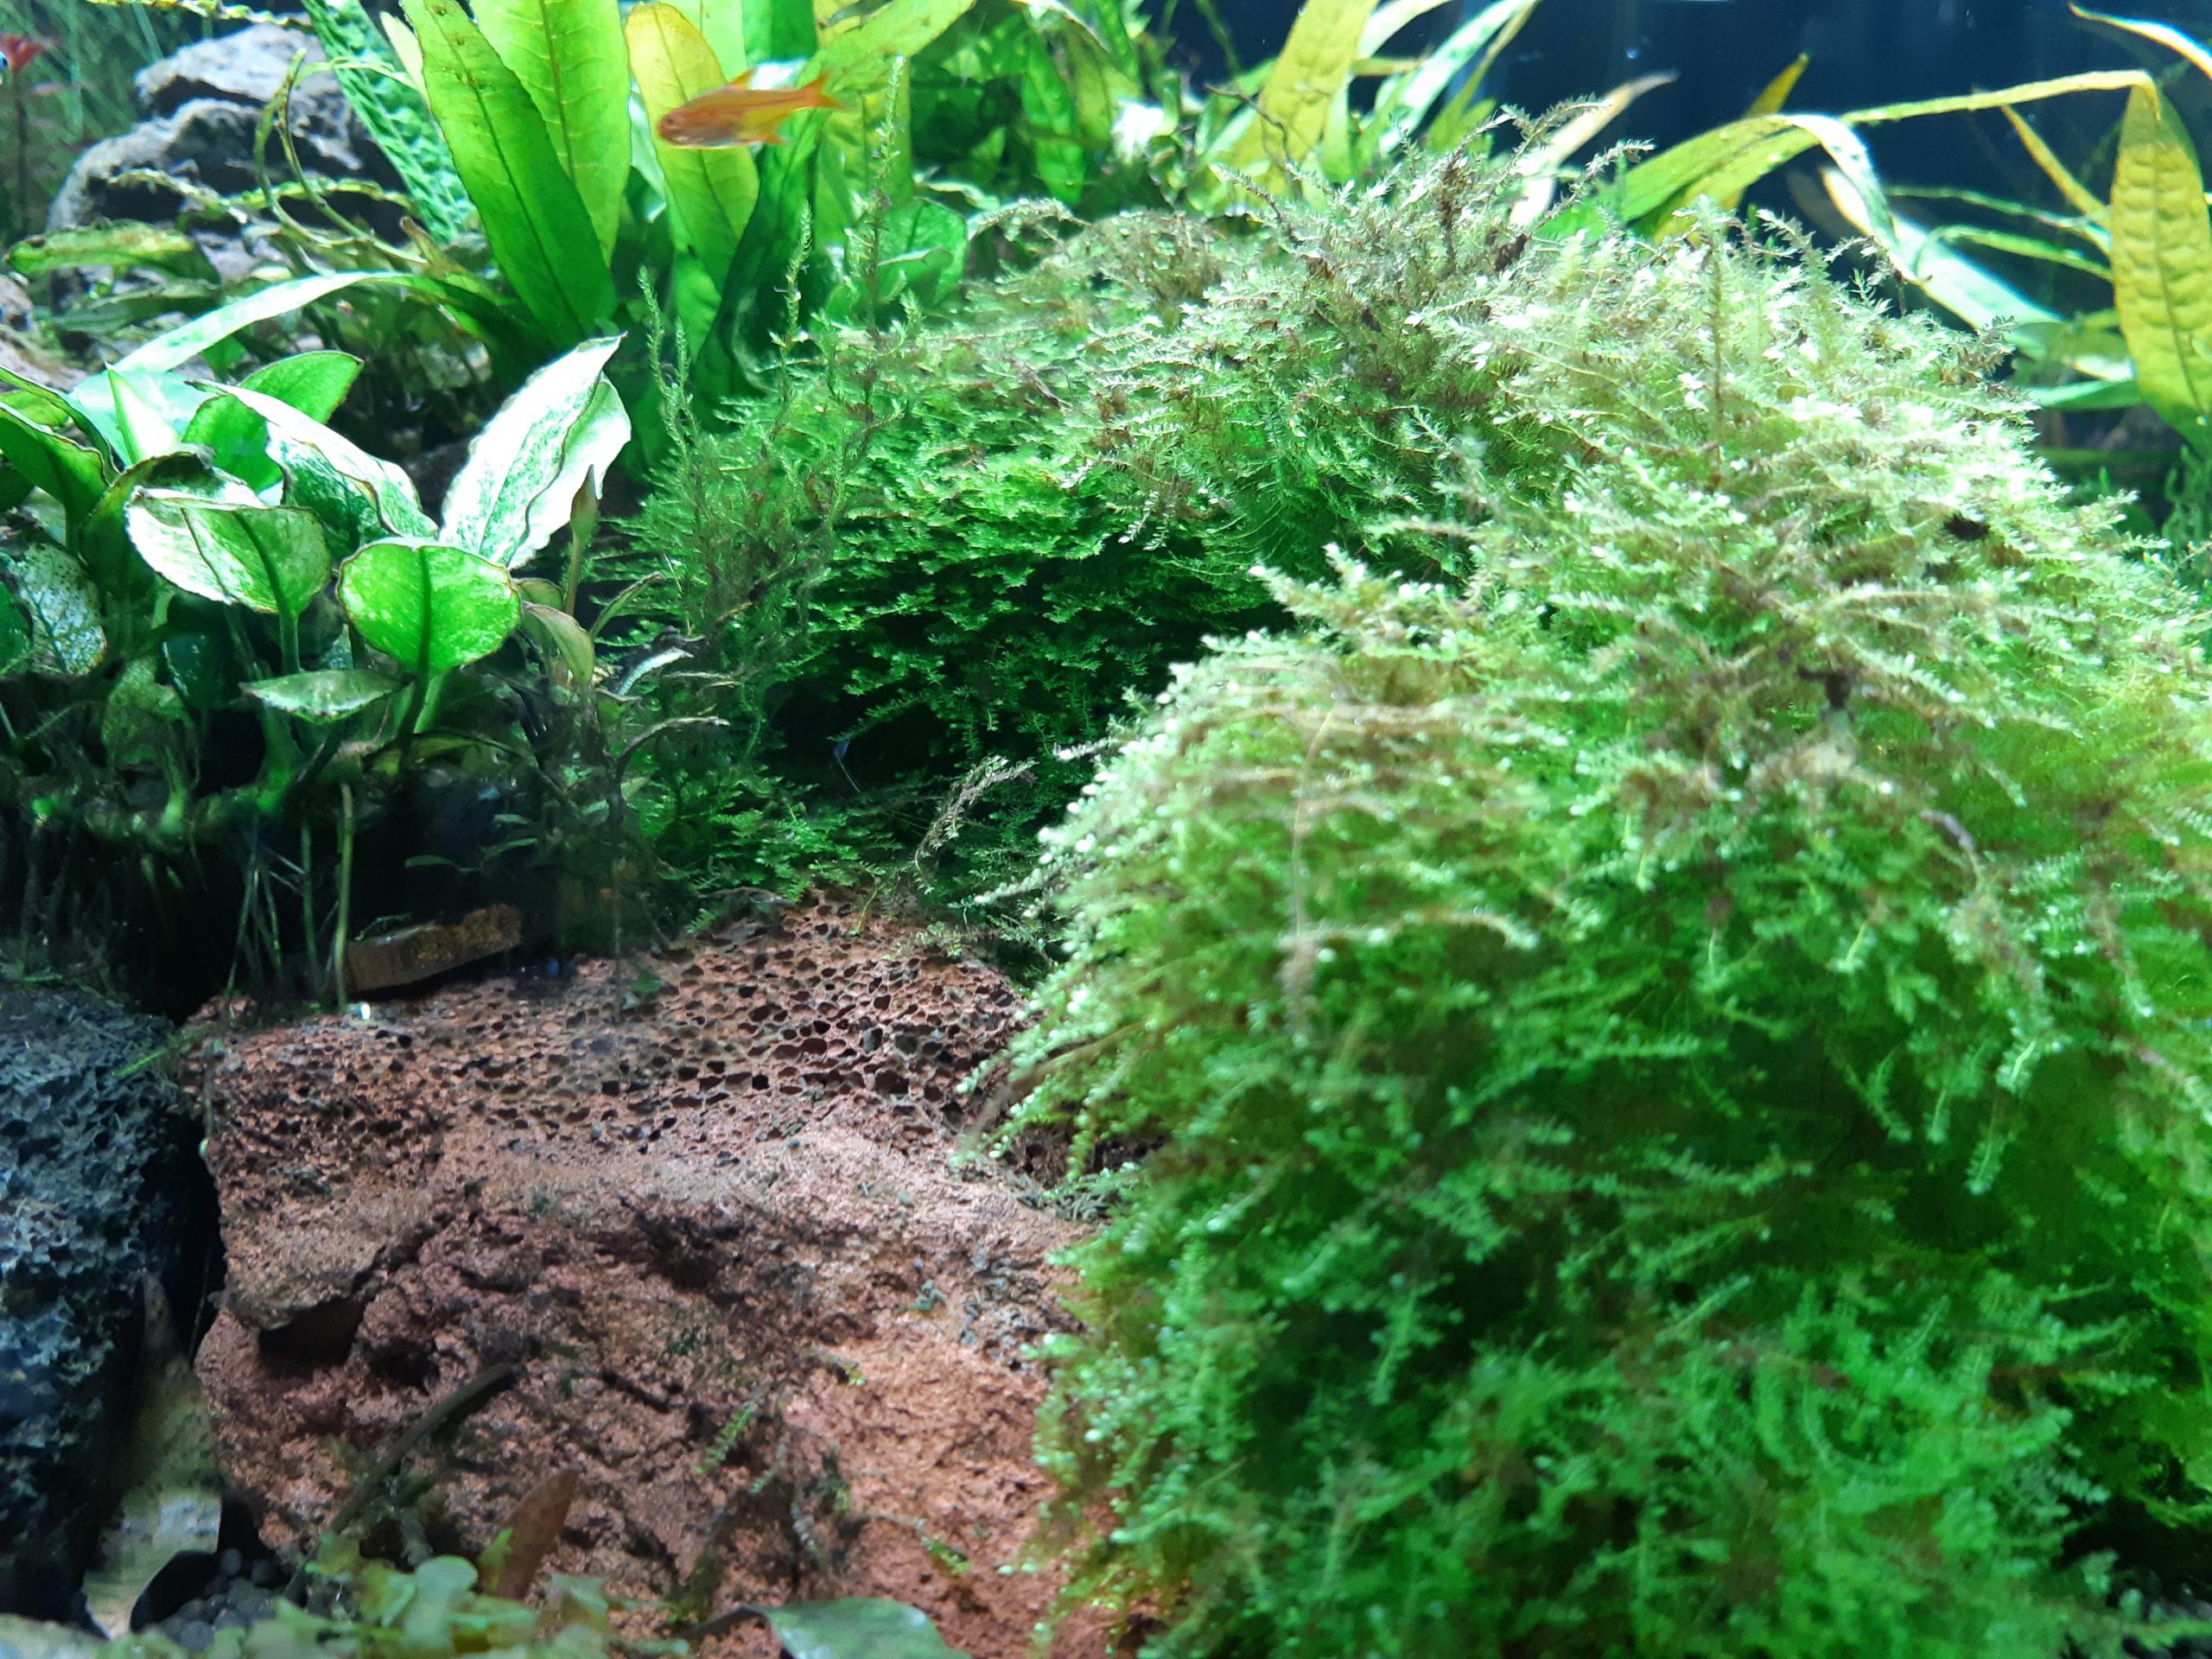 Aquariu wiht plants